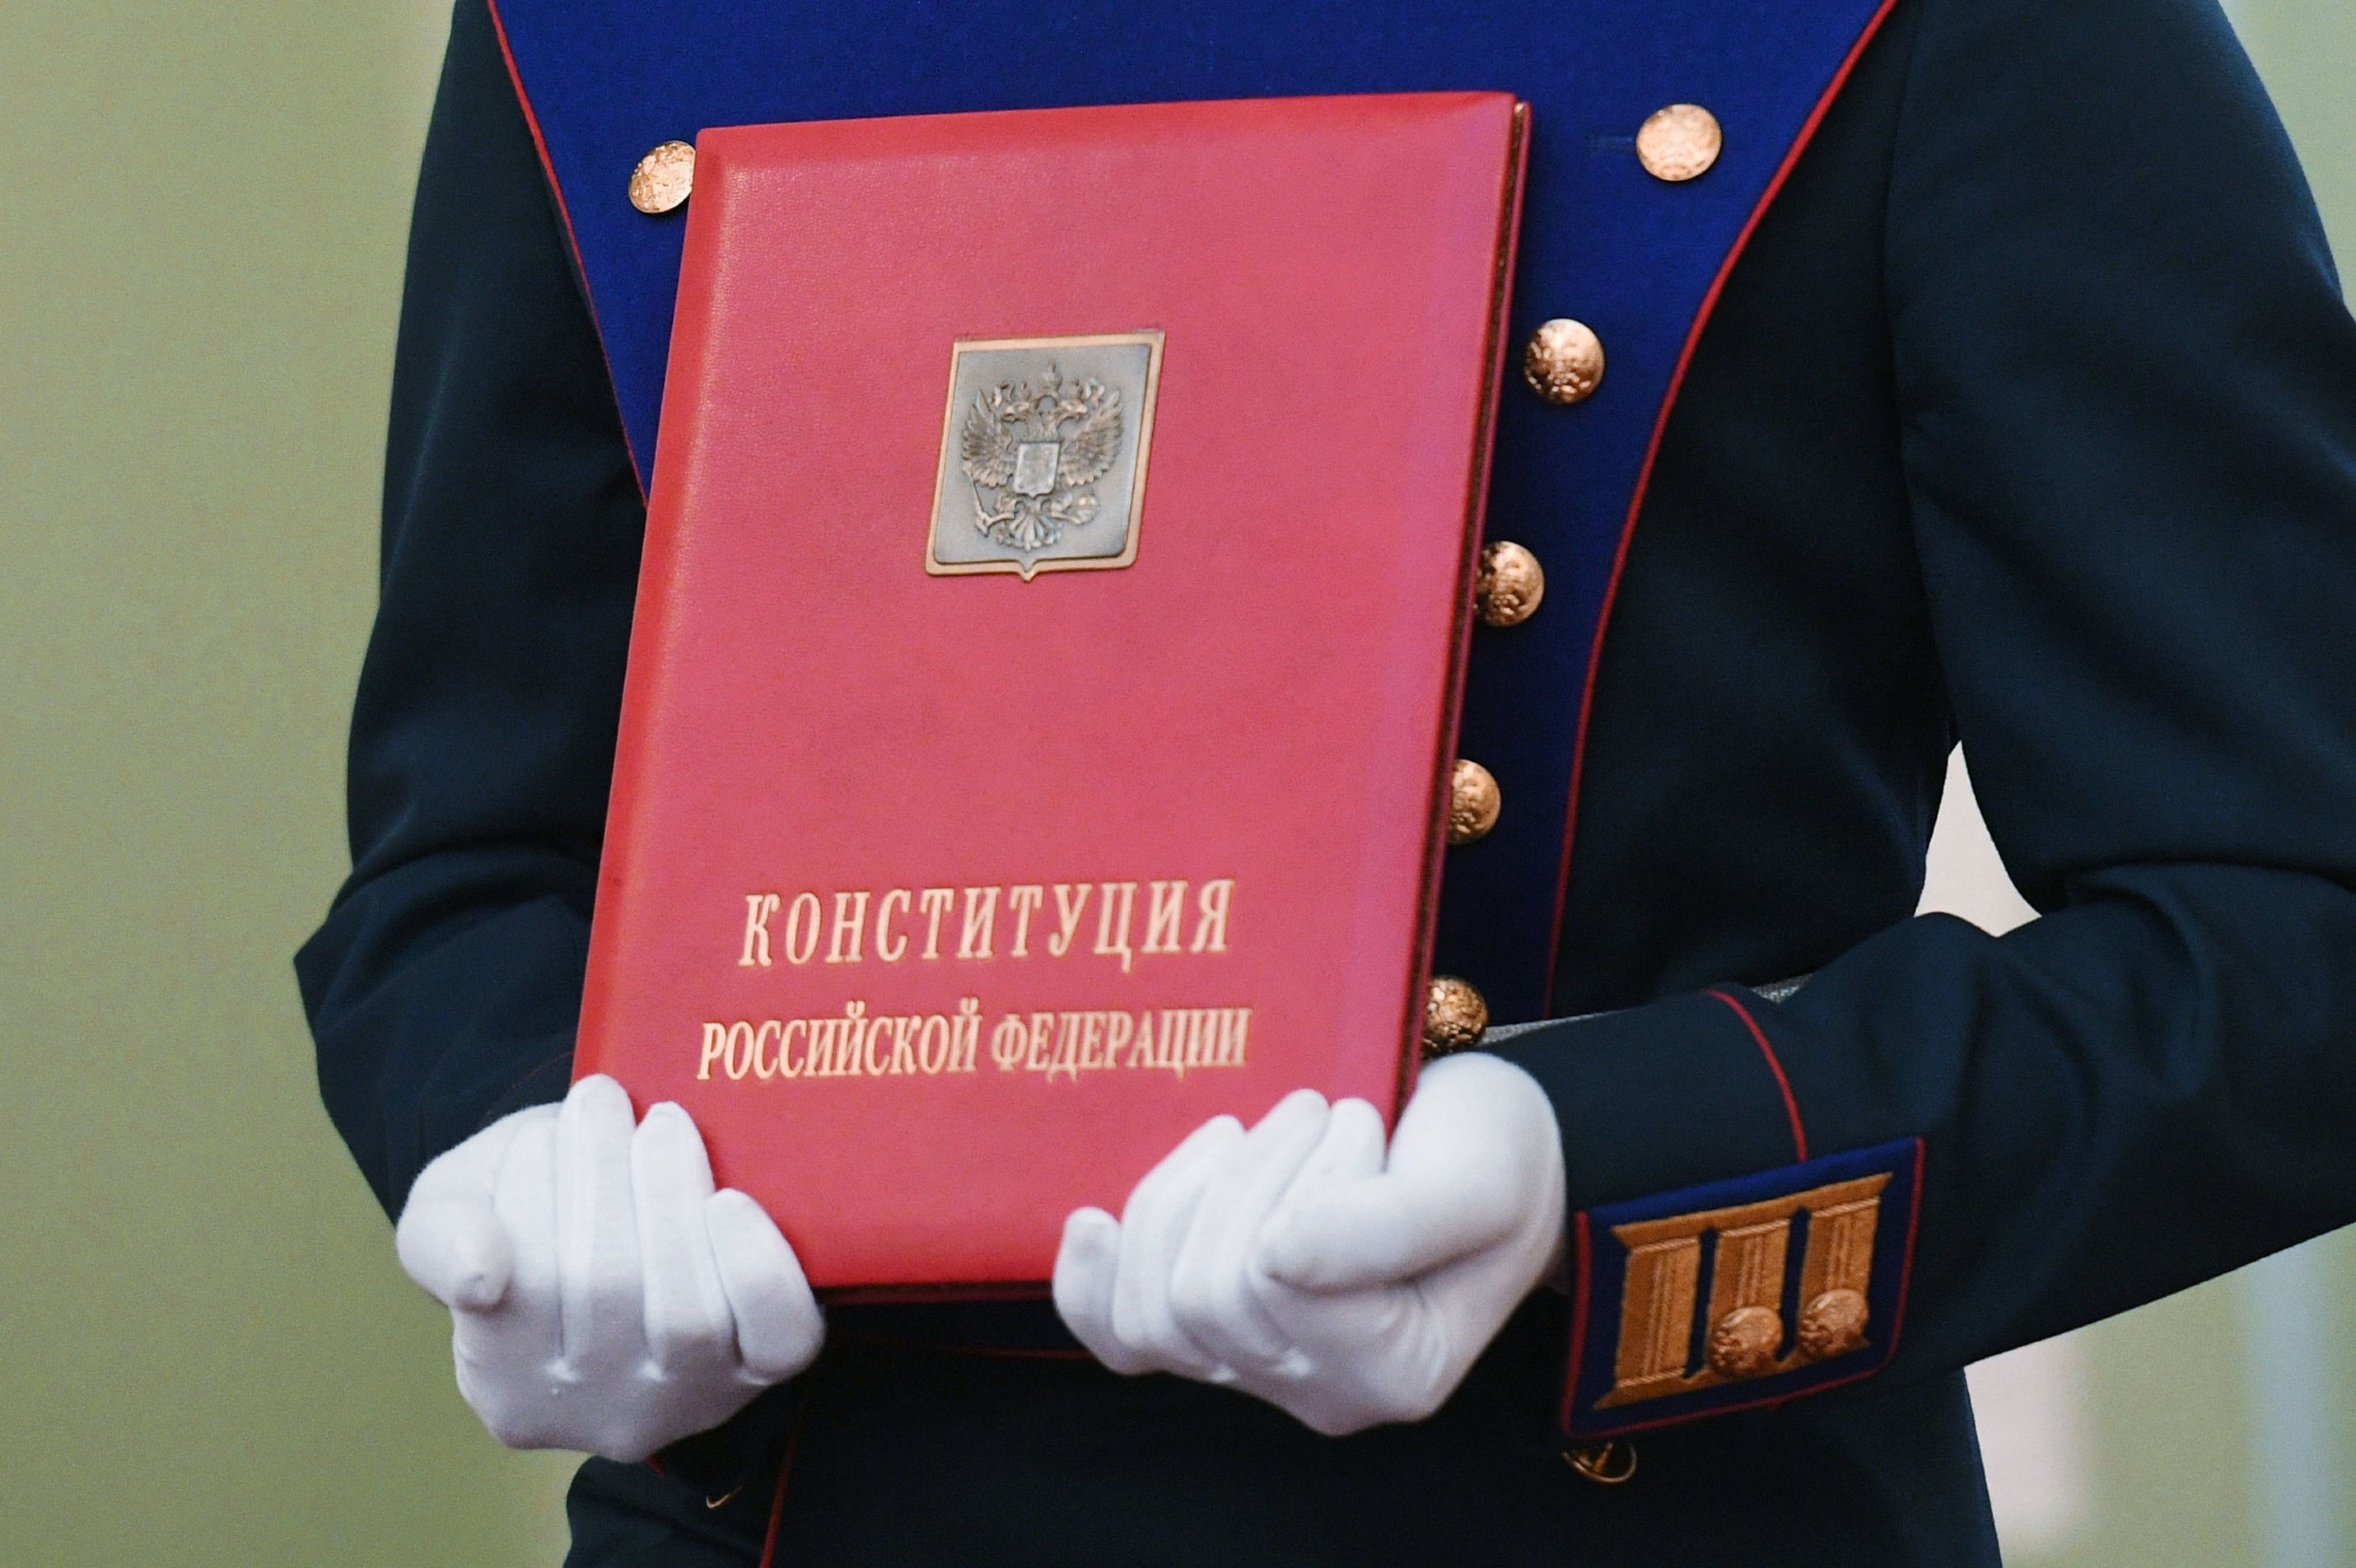 Pripadnik predsedničke garde drži u rukama posebnu kopiju ruskog ustava tokom inauguracije Vladimira Putina, Moskva, 07. maj 2018. (Foto: Evgeny Biyatov)